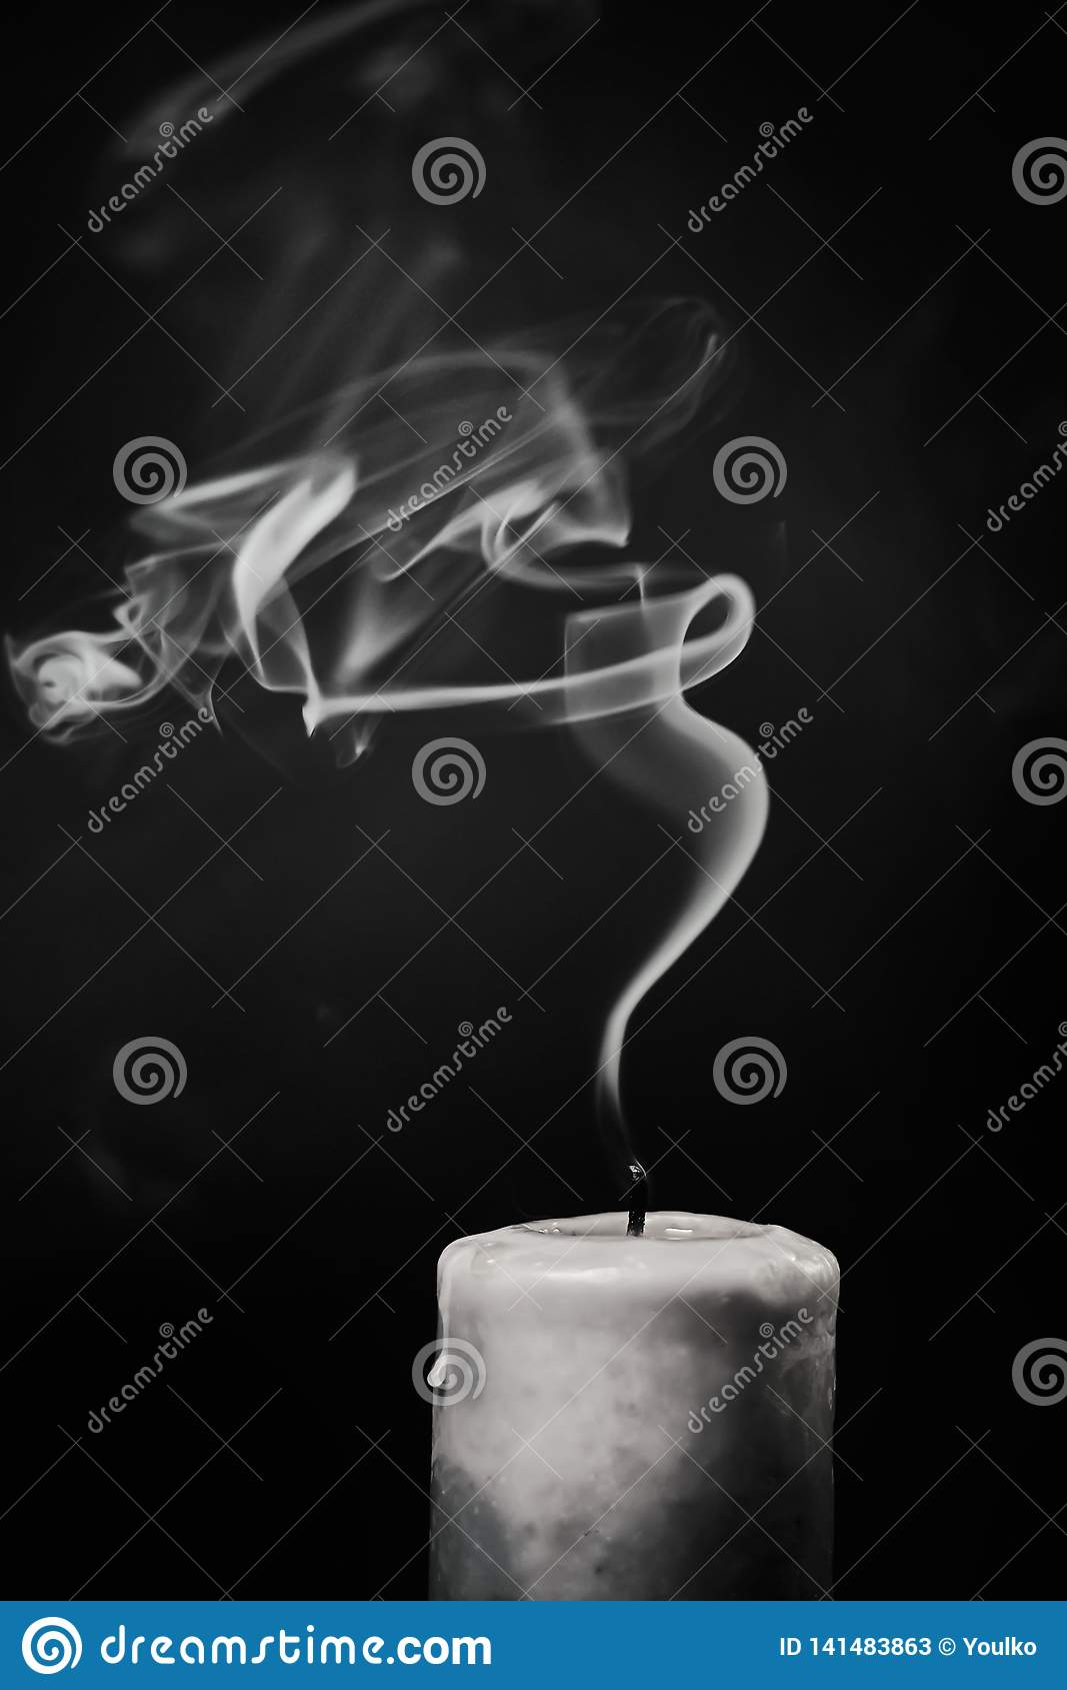 Vela blanca extinta con humo en un fondo negro